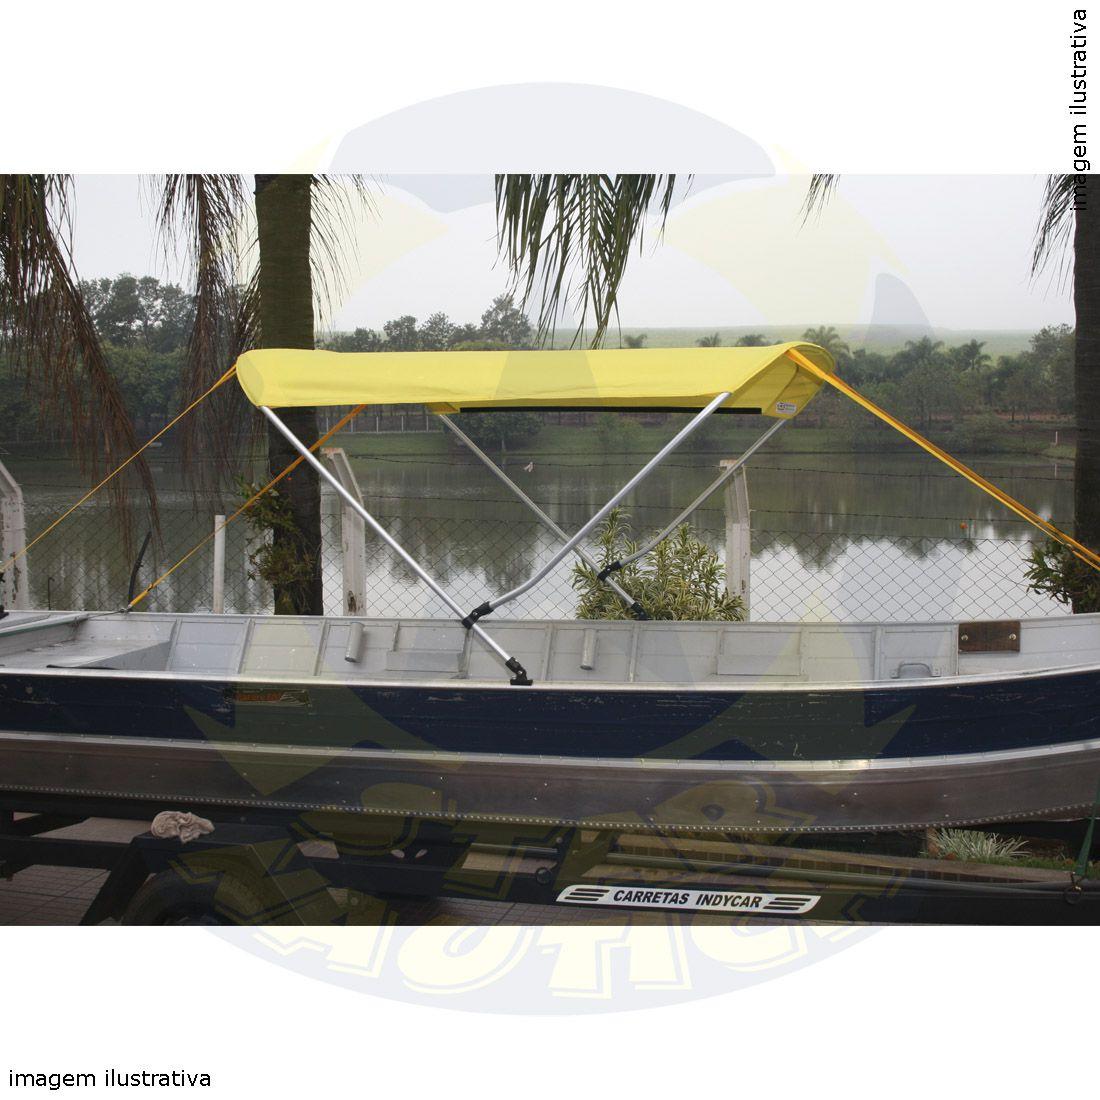 Capota Toldo Barco Calaça Flash Bass 500 Poliéster 2 Arcos Tubo 7/8